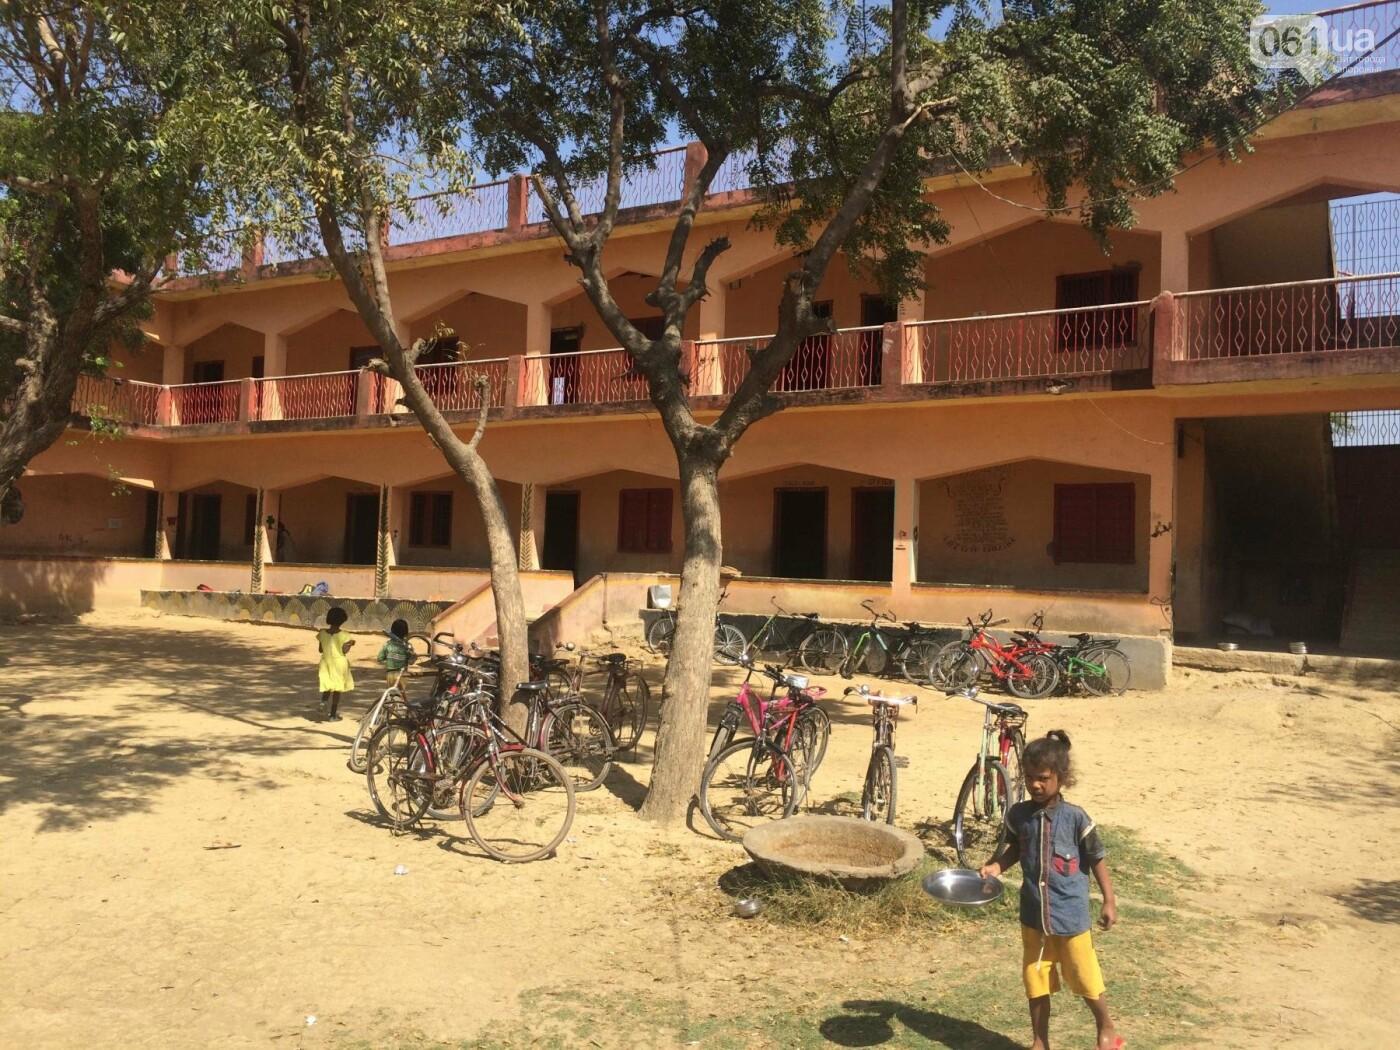 Как в индийских школах учатся дети из бедных семей: репортаж из Бодхгаи , - ФОТО , фото-2